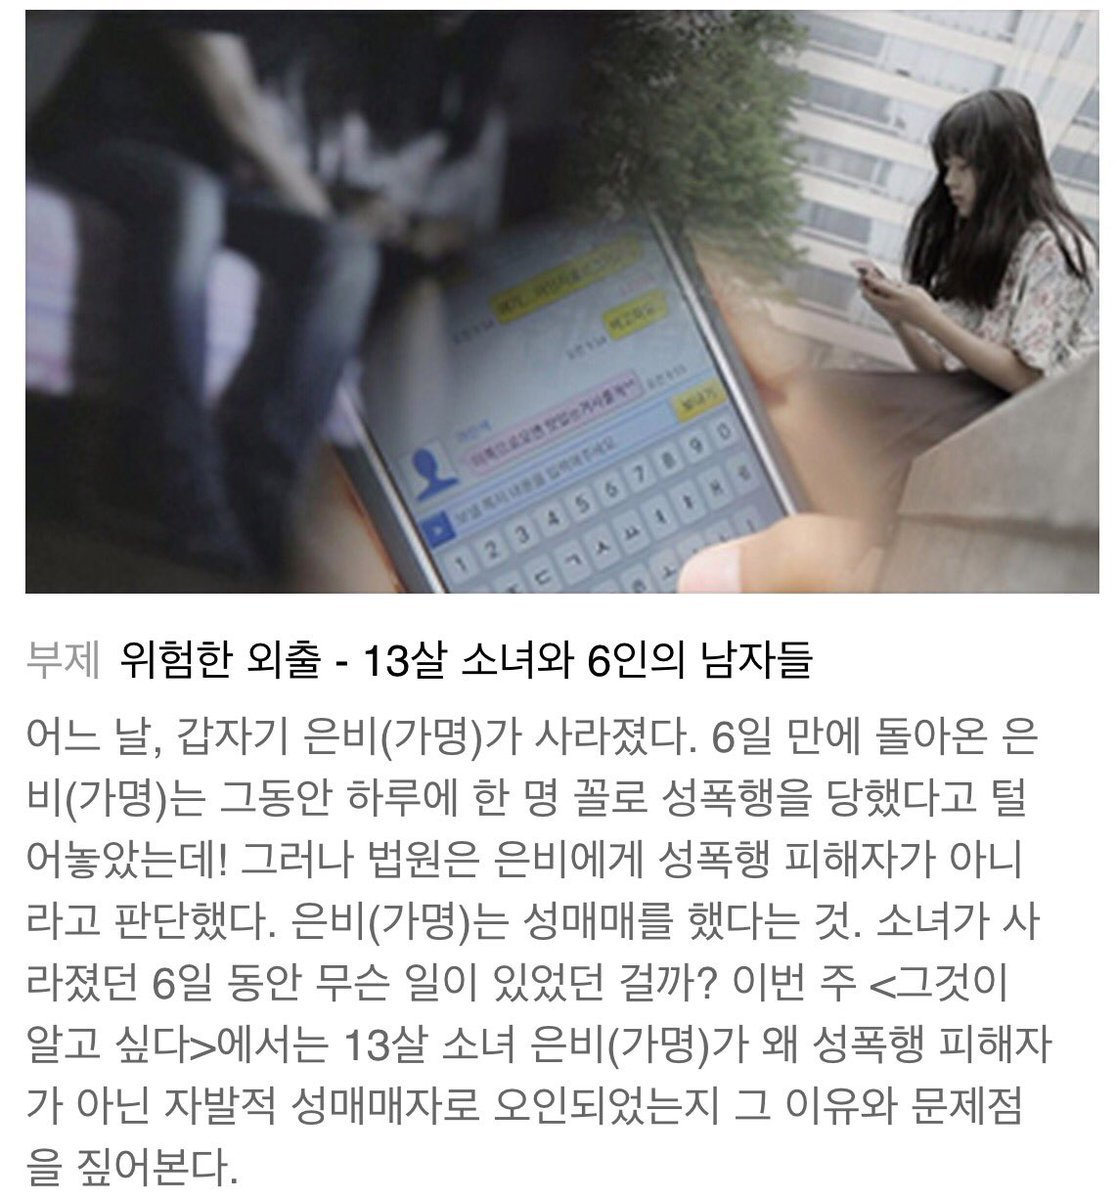 미국에선 인스타그램으로 유인해서 13살 여자를 성폭행 한 남자가 75년 형을 받았는데 한국에서 채팅앱으로 유인당해 여섯 명에게 성폭행 당한 13세 여자는 자발적 성매매로 취급되어 집행유예, 벌금형등으로 처리됨 https://t.co/YADf7lLlIc